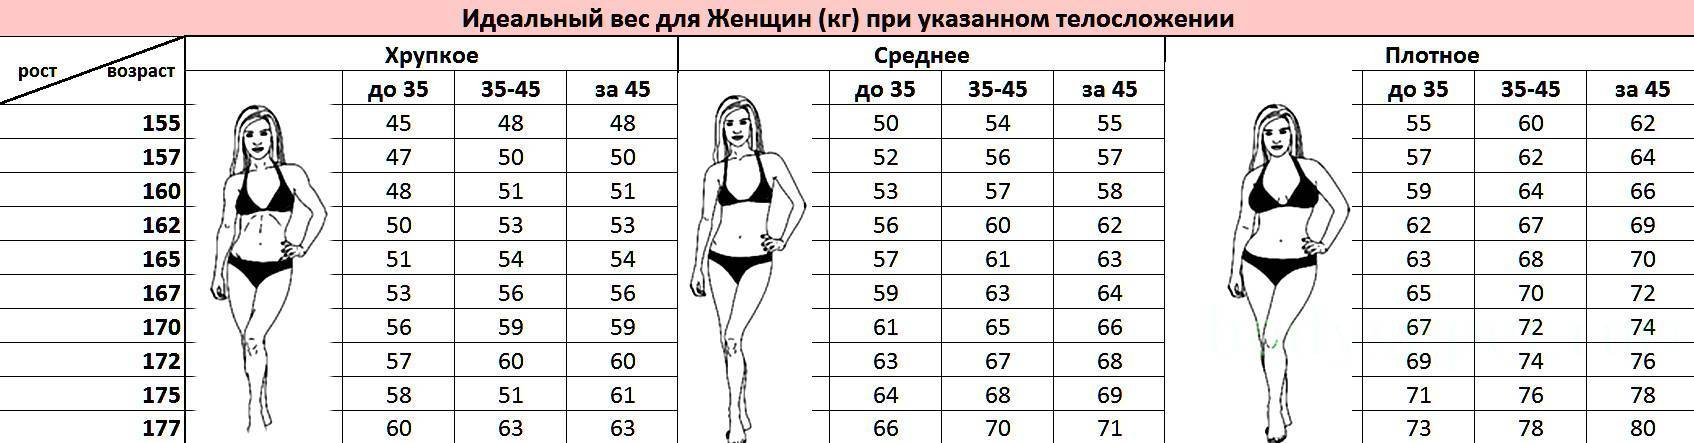 Идеальный вес: как рассчитать генетический сет поинт именно для вас?